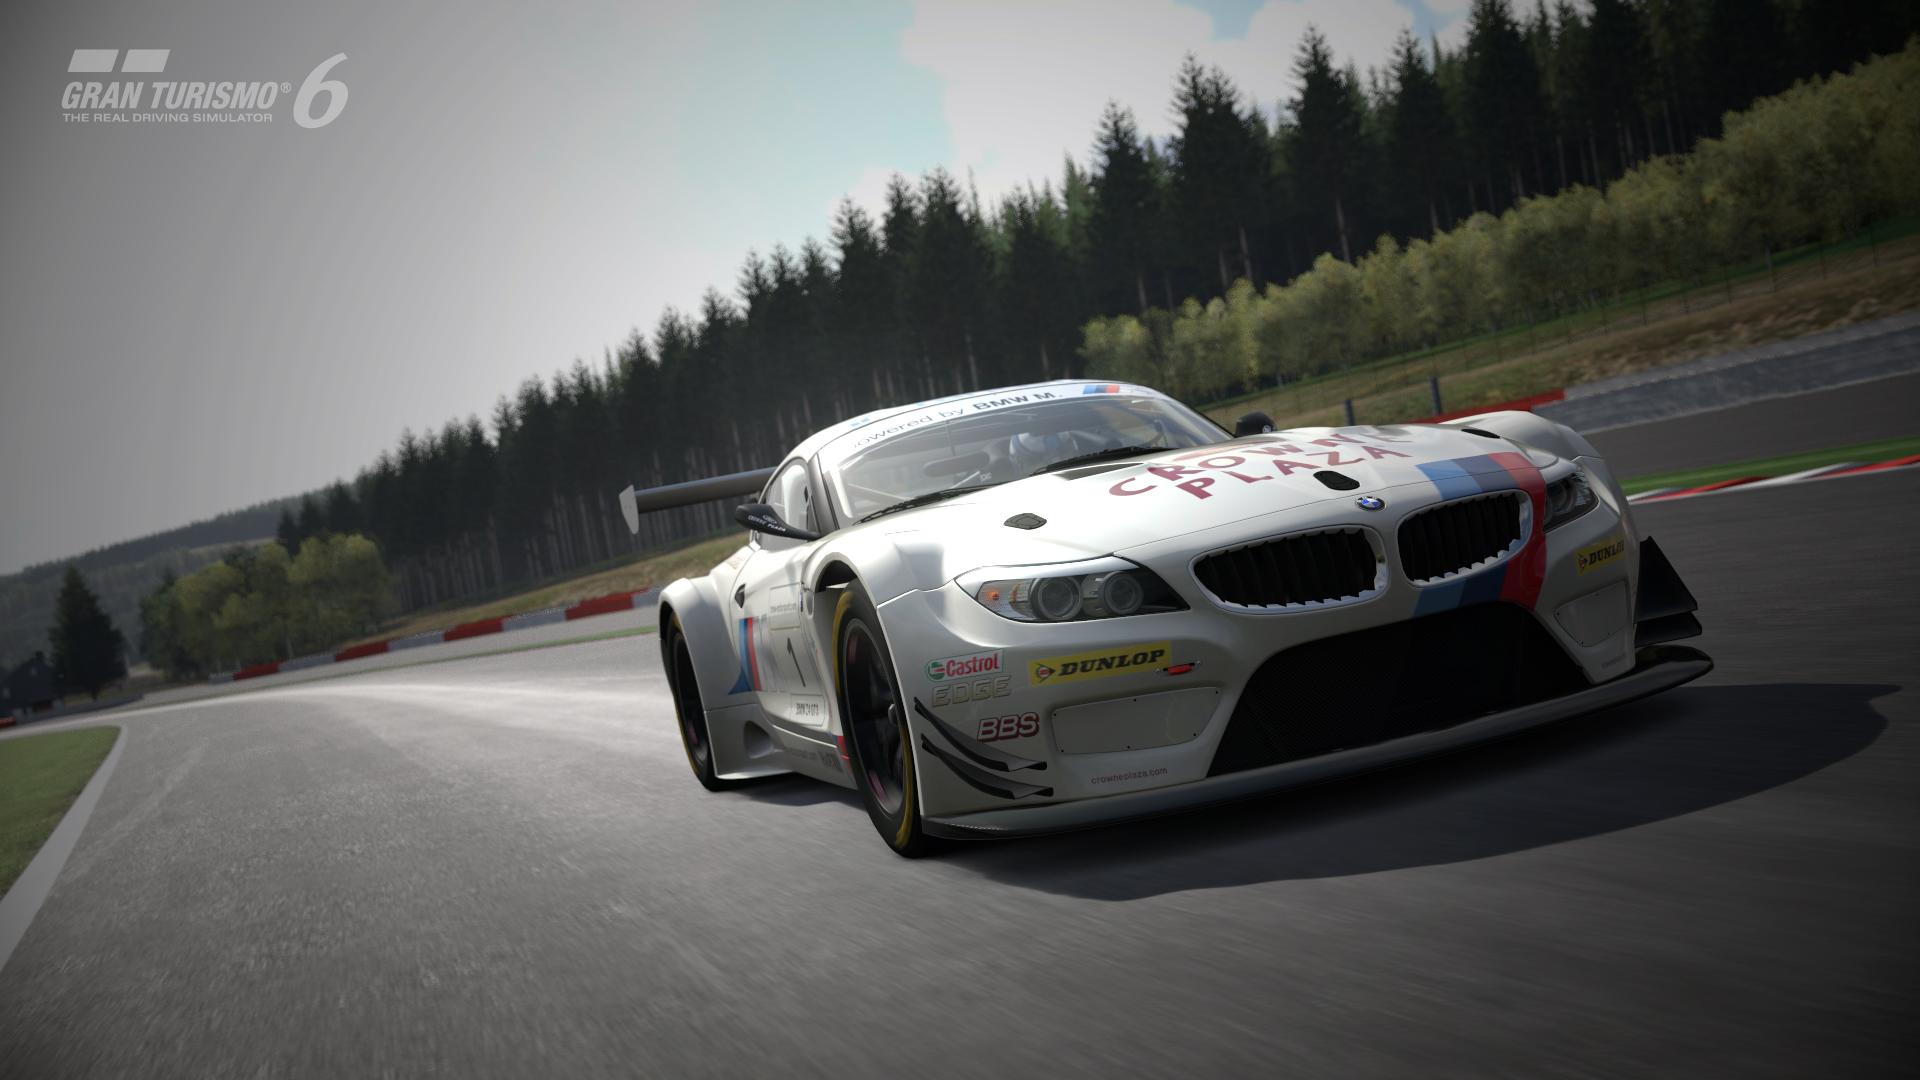 El primer Gran Turismo para PS4 podría llegar pronto: ¿port de GT6?